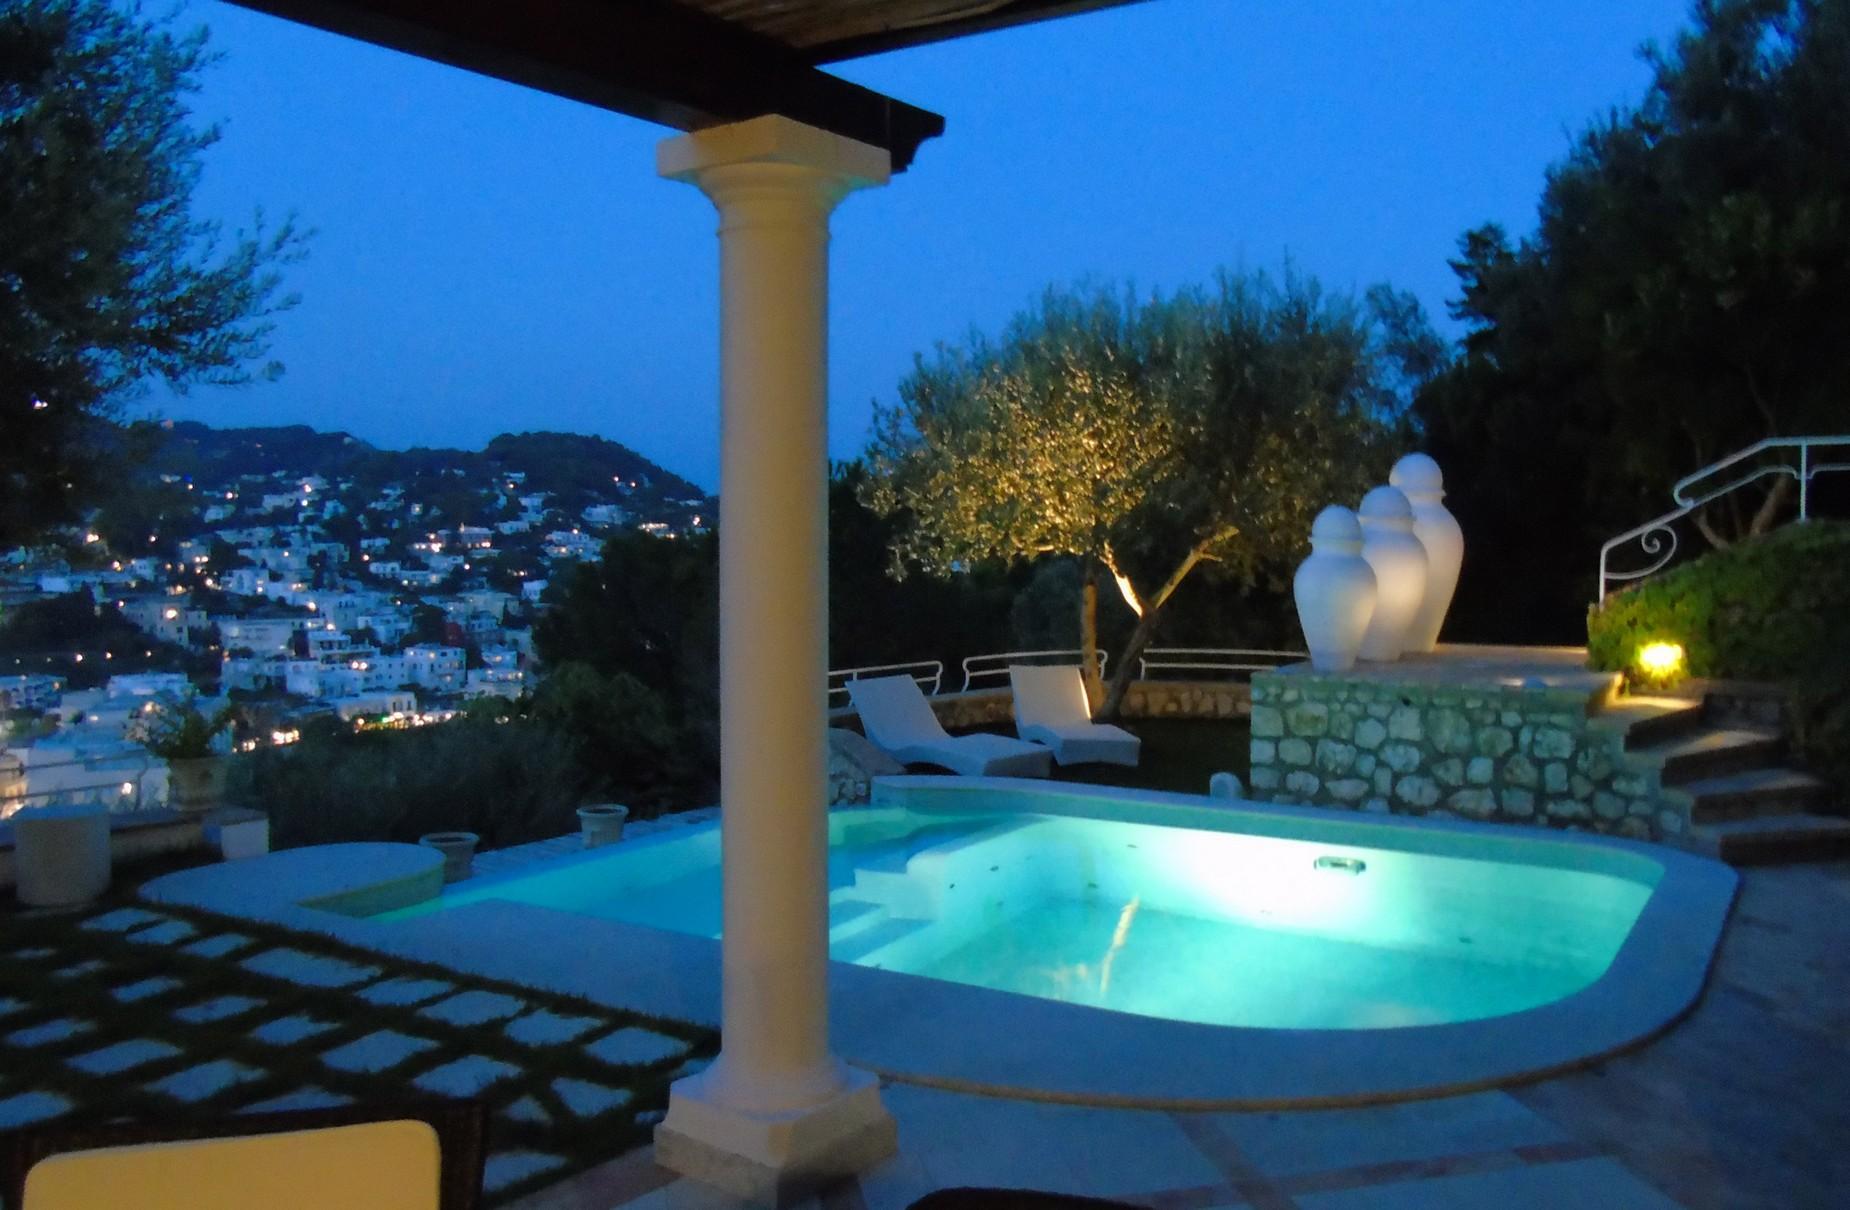 Очаровательная вилла с панорамным бассейном в центре легендарного острова Капри, Италия - 18